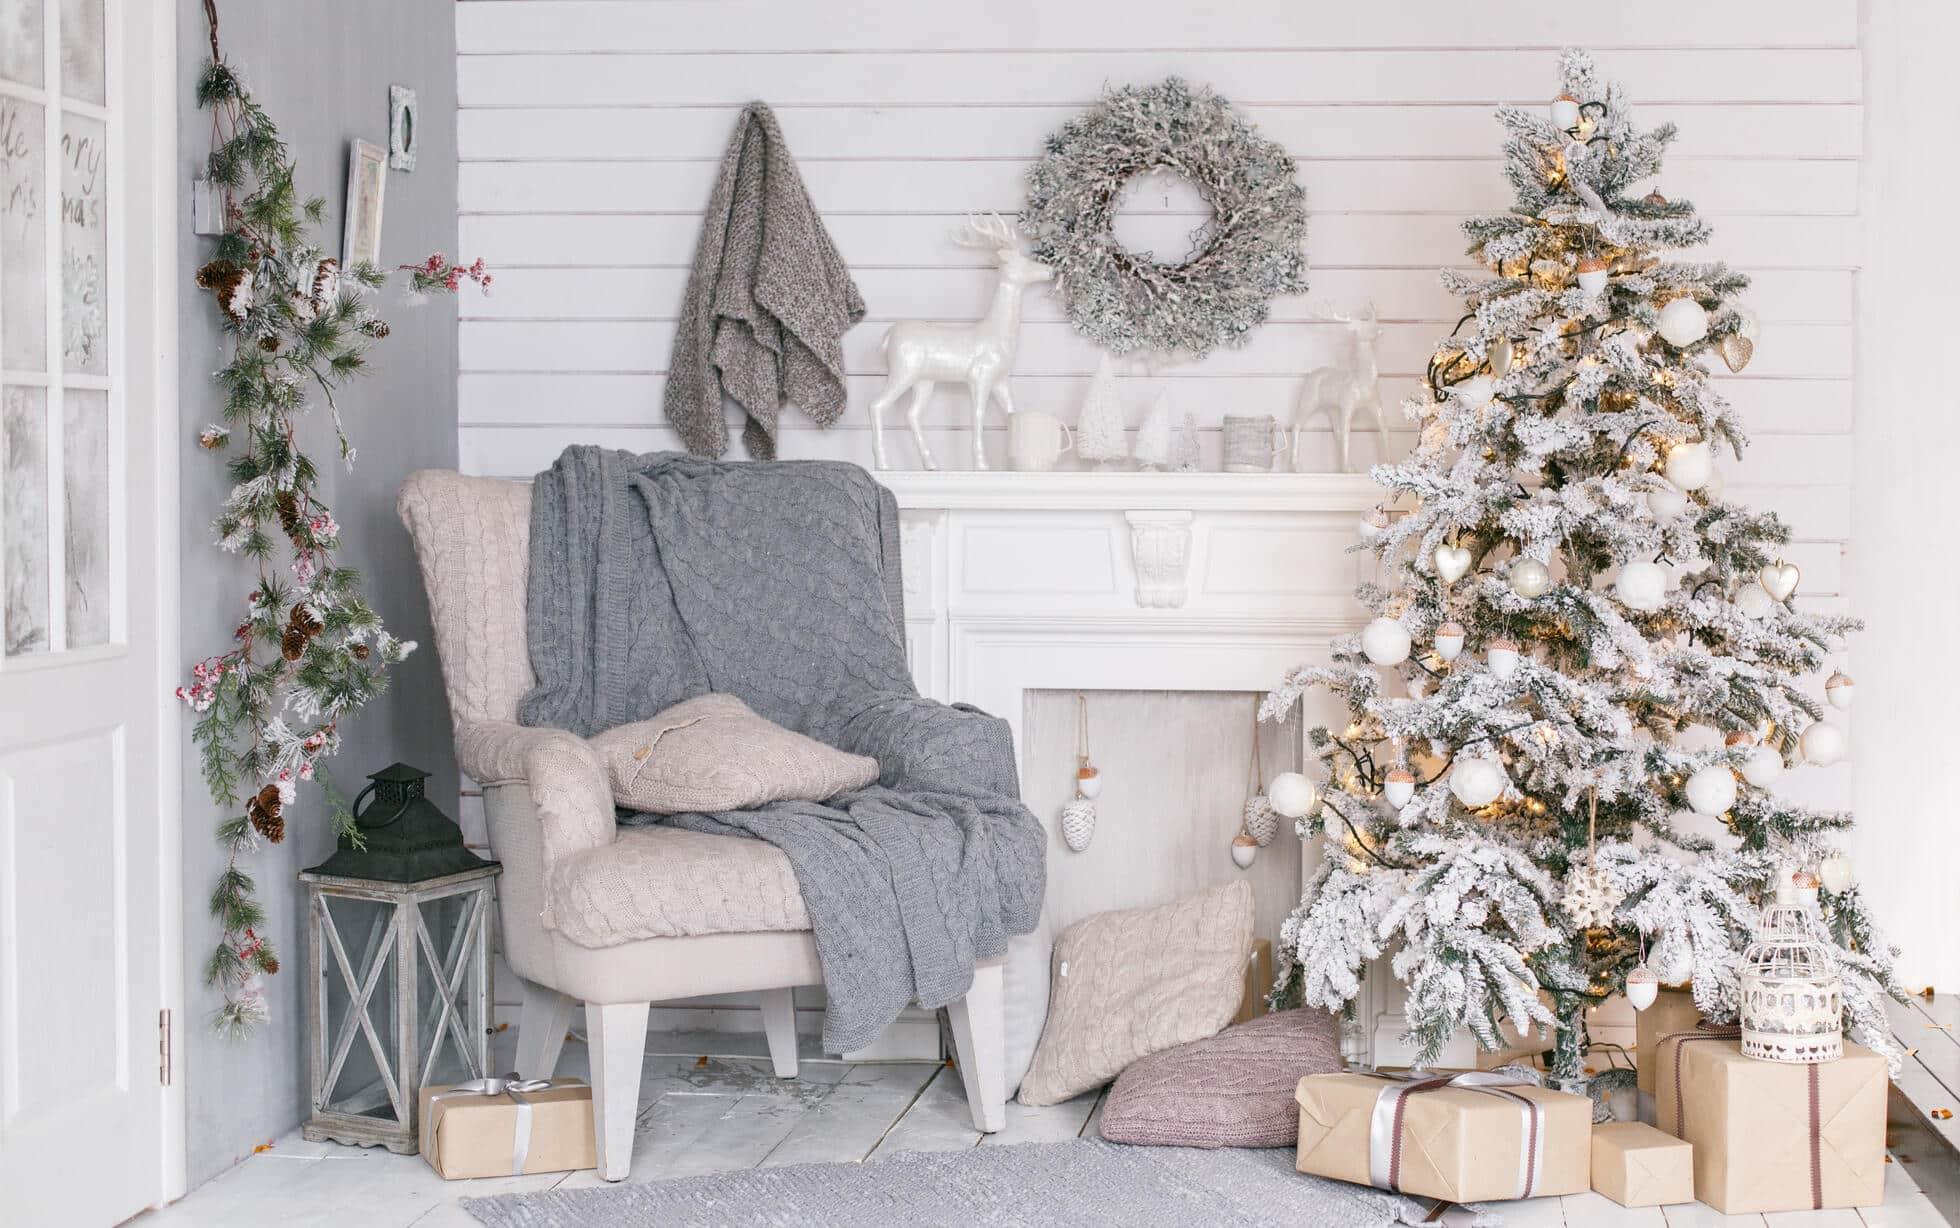 Comment décorer un sapin de Noël blanc floqué ?